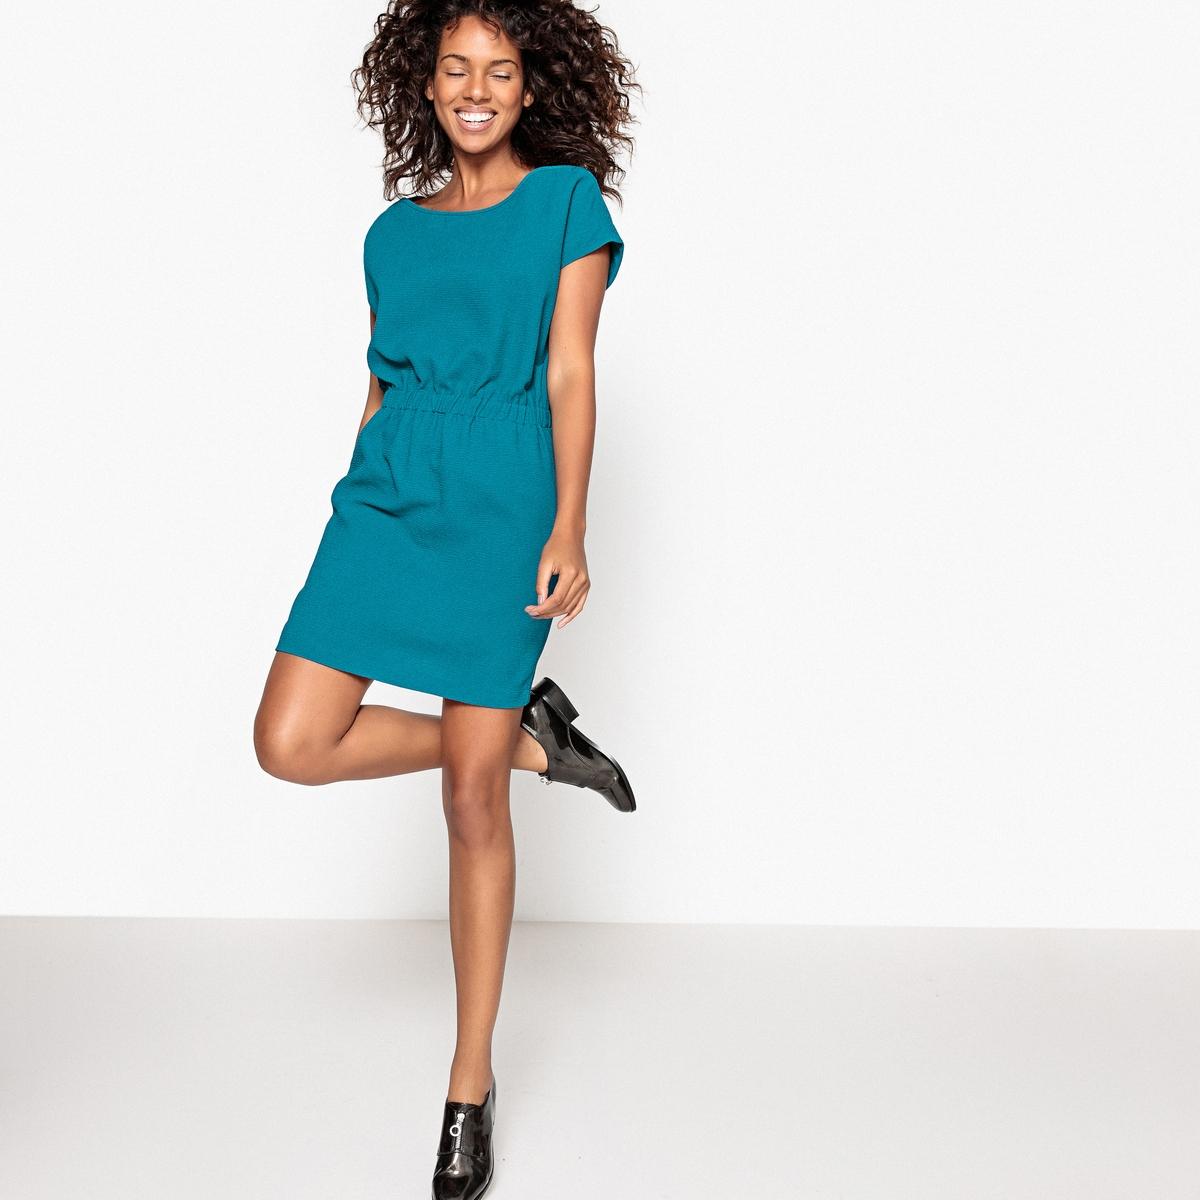 Платье однотонное с эластичным поясомДетали •  Форма : прямая  •  Длина до колен •  Короткие рукава    •  Круглый вырезСостав и уход •  100% полиэстер  •  Температура стирки 30° на деликатном режиме   •  Сухая чистка и отбеливание запрещены    •  Не использовать барабанную сушку   •  Низкая температура глажки<br><br>Цвет: сине-зеленый,темно-зеленый,черный<br>Размер: 46 (FR) - 52 (RUS).40 (FR) - 46 (RUS).38 (FR) - 44 (RUS).38 (FR) - 44 (RUS).52 (FR) - 58 (RUS).50 (FR) - 56 (RUS).36 (FR) - 42 (RUS).36 (FR) - 42 (RUS).42 (FR) - 48 (RUS).34 (FR) - 40 (RUS).44 (FR) - 50 (RUS).52 (FR) - 58 (RUS).48 (FR) - 54 (RUS).44 (FR) - 50 (RUS).50 (FR) - 56 (RUS).50 (FR) - 56 (RUS).42 (FR) - 48 (RUS).52 (FR) - 58 (RUS).48 (FR) - 54 (RUS).44 (FR) - 50 (RUS).40 (FR) - 46 (RUS).46 (FR) - 52 (RUS).42 (FR) - 48 (RUS).34 (FR) - 40 (RUS).40 (FR) - 46 (RUS).46 (FR) - 52 (RUS).38 (FR) - 44 (RUS).36 (FR) - 42 (RUS)